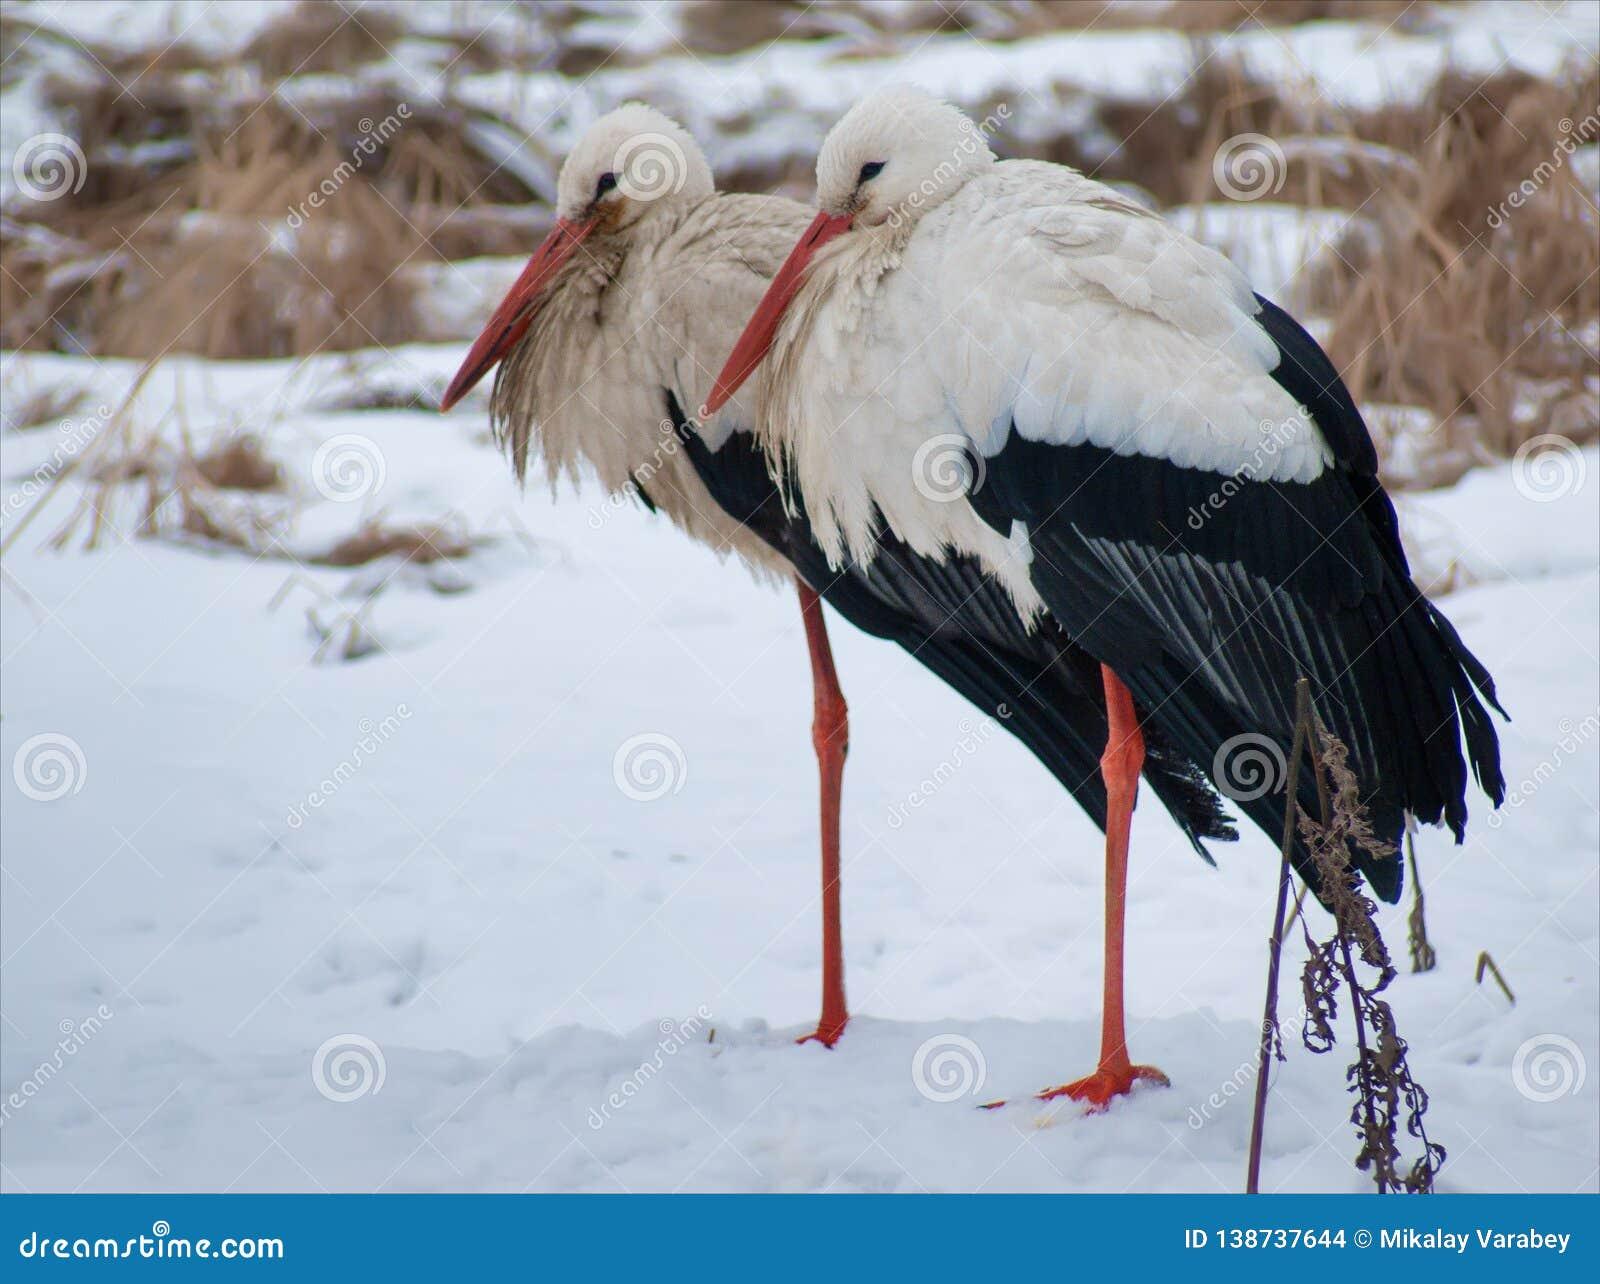 Δύο άσπροι πελαργοί φαίνονται παρόμοιοι στο χιονισμένο έδαφος